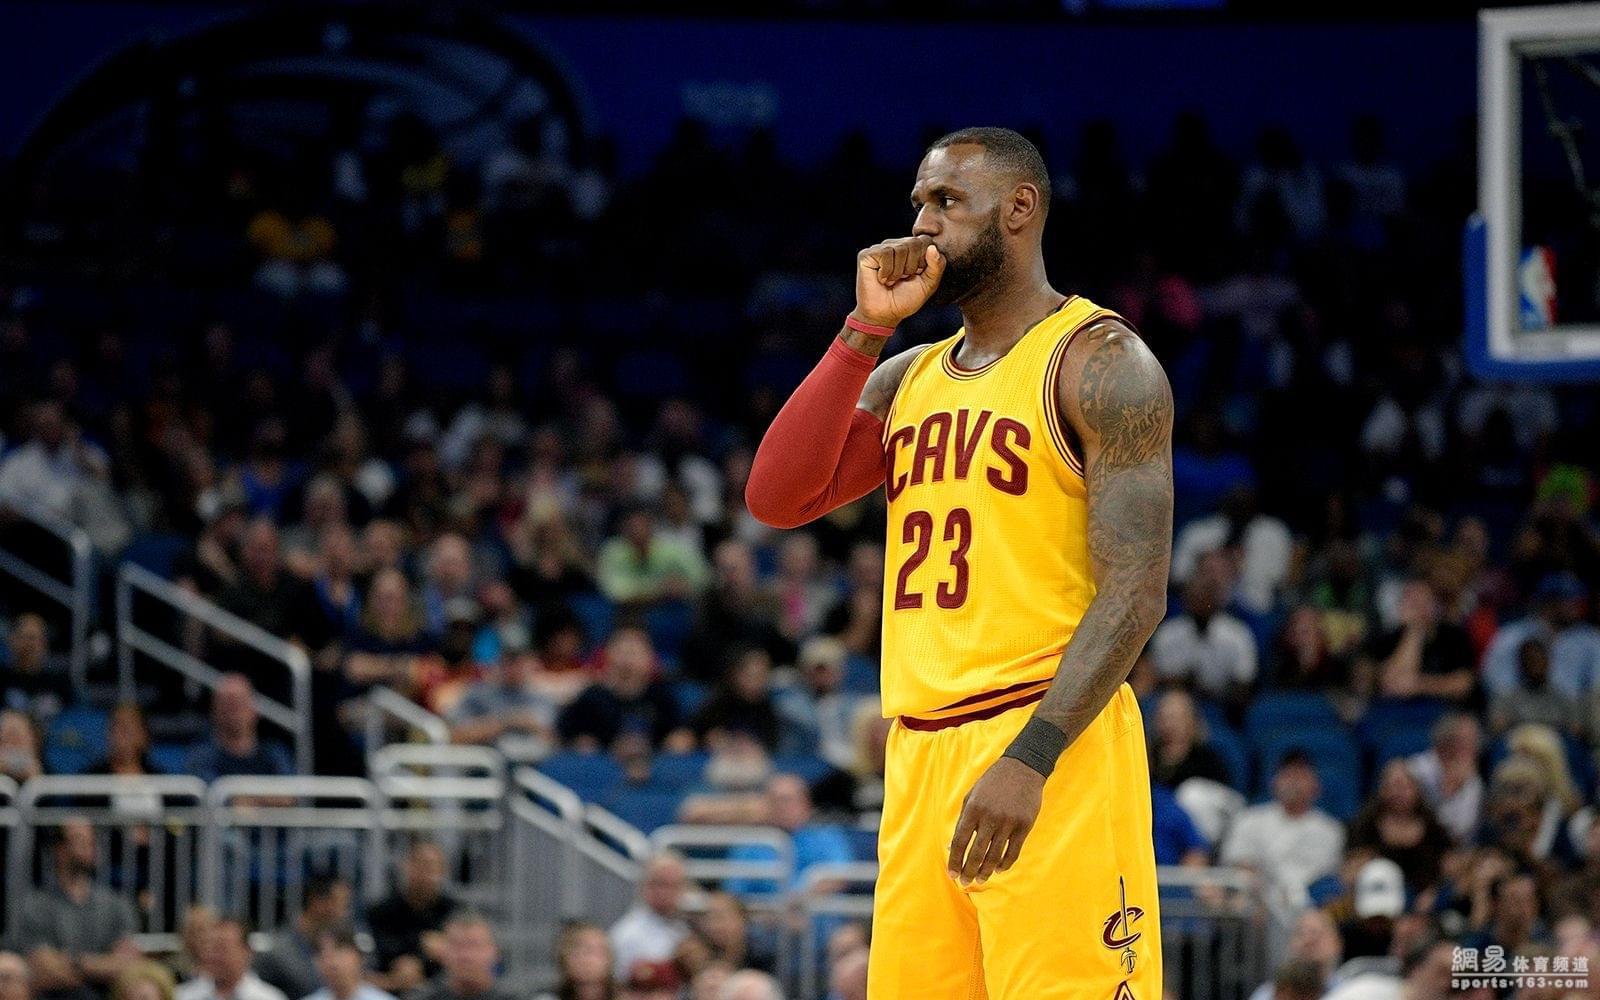 本賽季,勒佈朗關鍵時刻出手的平均距離是19.4英尺,比上賽季遠瞭9英尺,換句話說,他就是在找跳投。